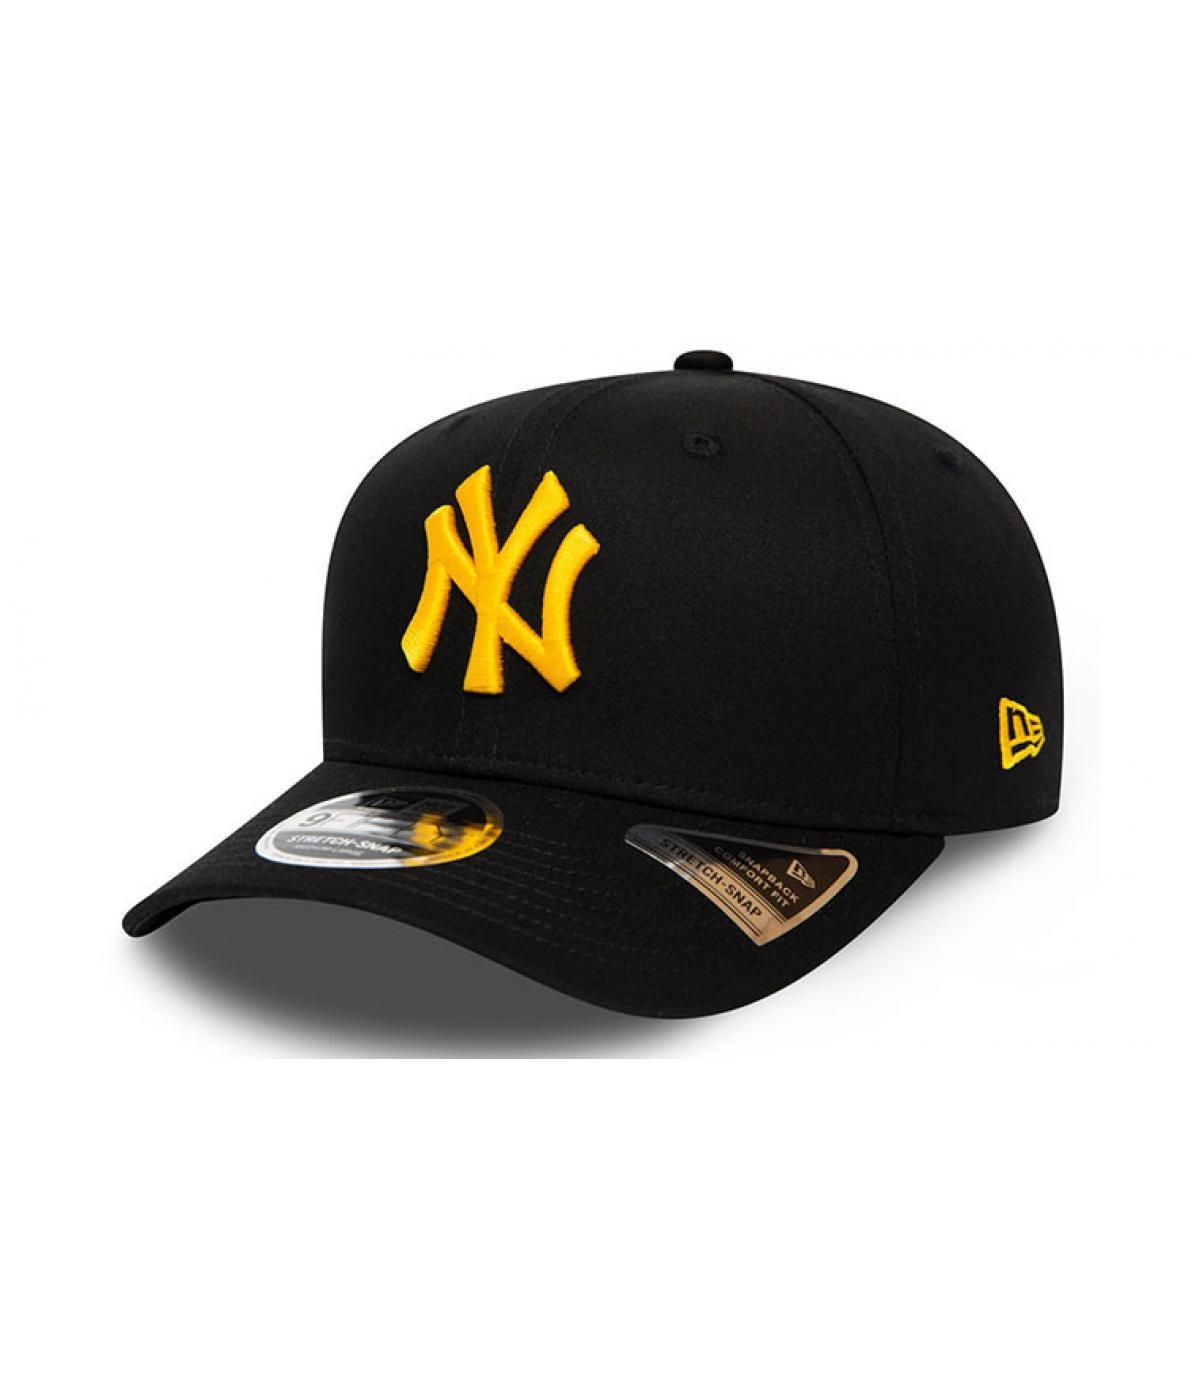 Détails Casquette League Ess 950 Stretch NY black mellow yellow - image 2